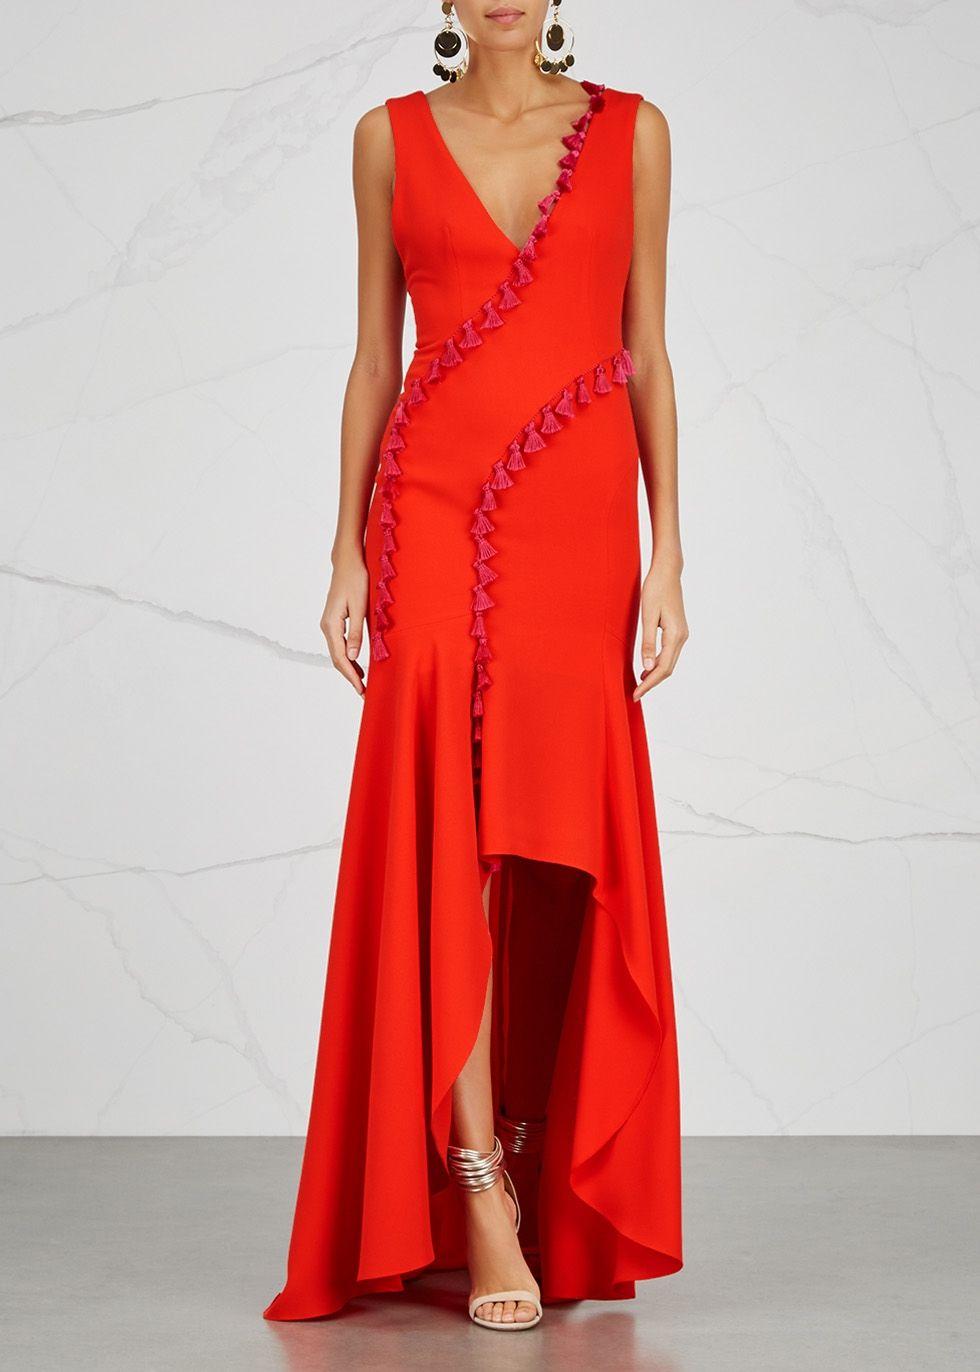 e3a9e4ccb3f Galvan Cuzco red tassel-trimmed gown